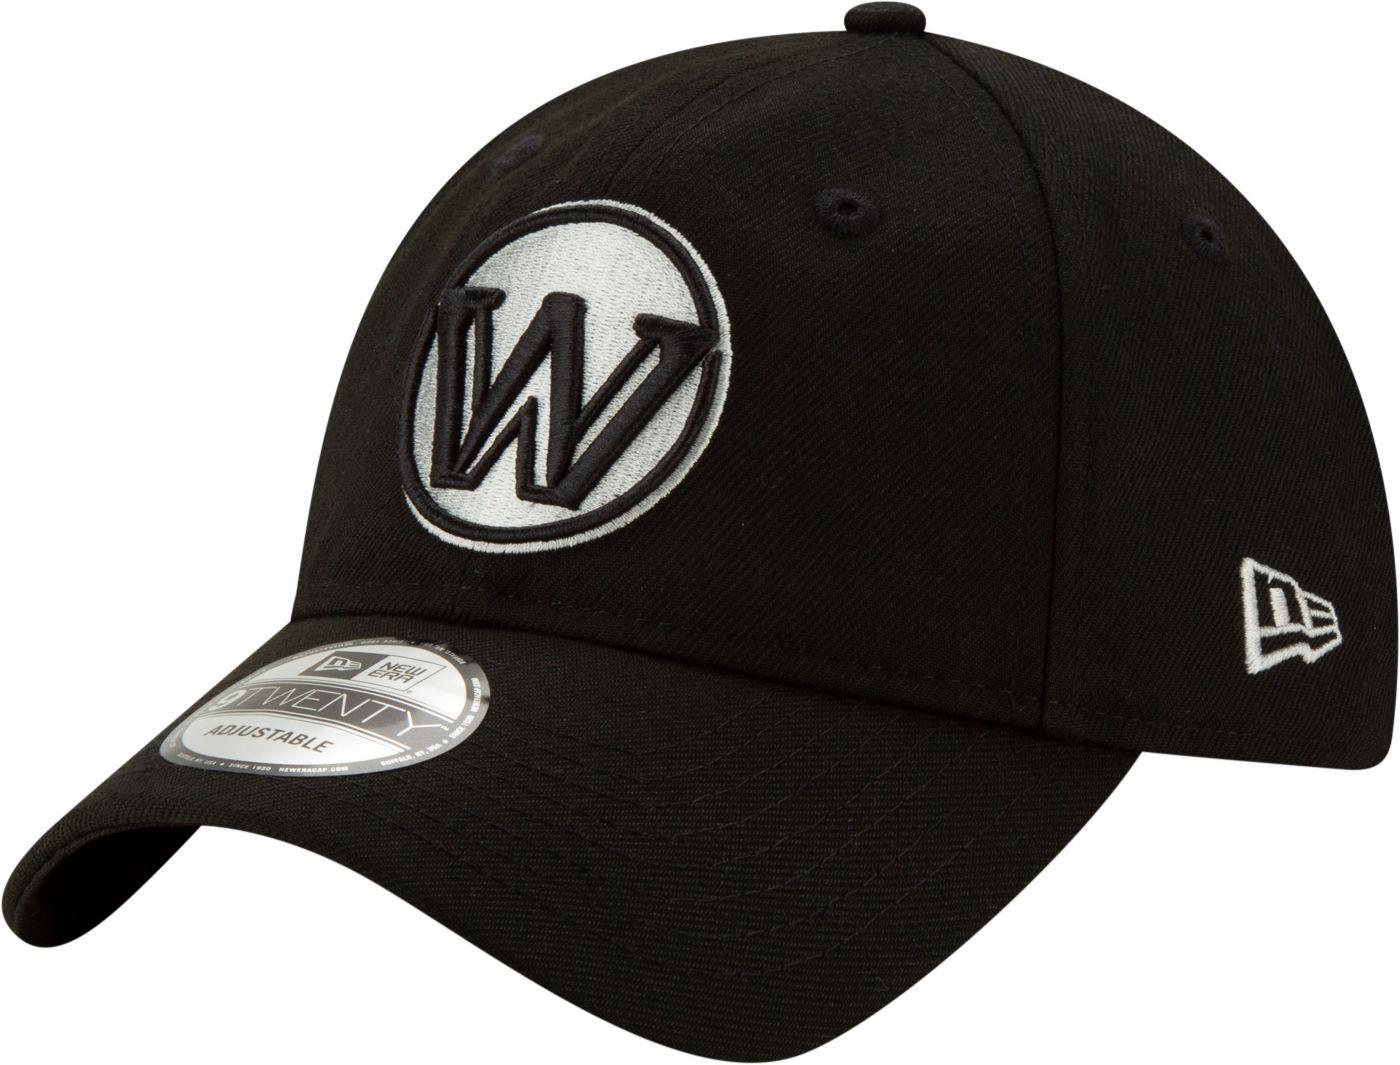 New Era Men's Golden State Warriors 9Twenty City Edition Adjustable Hat